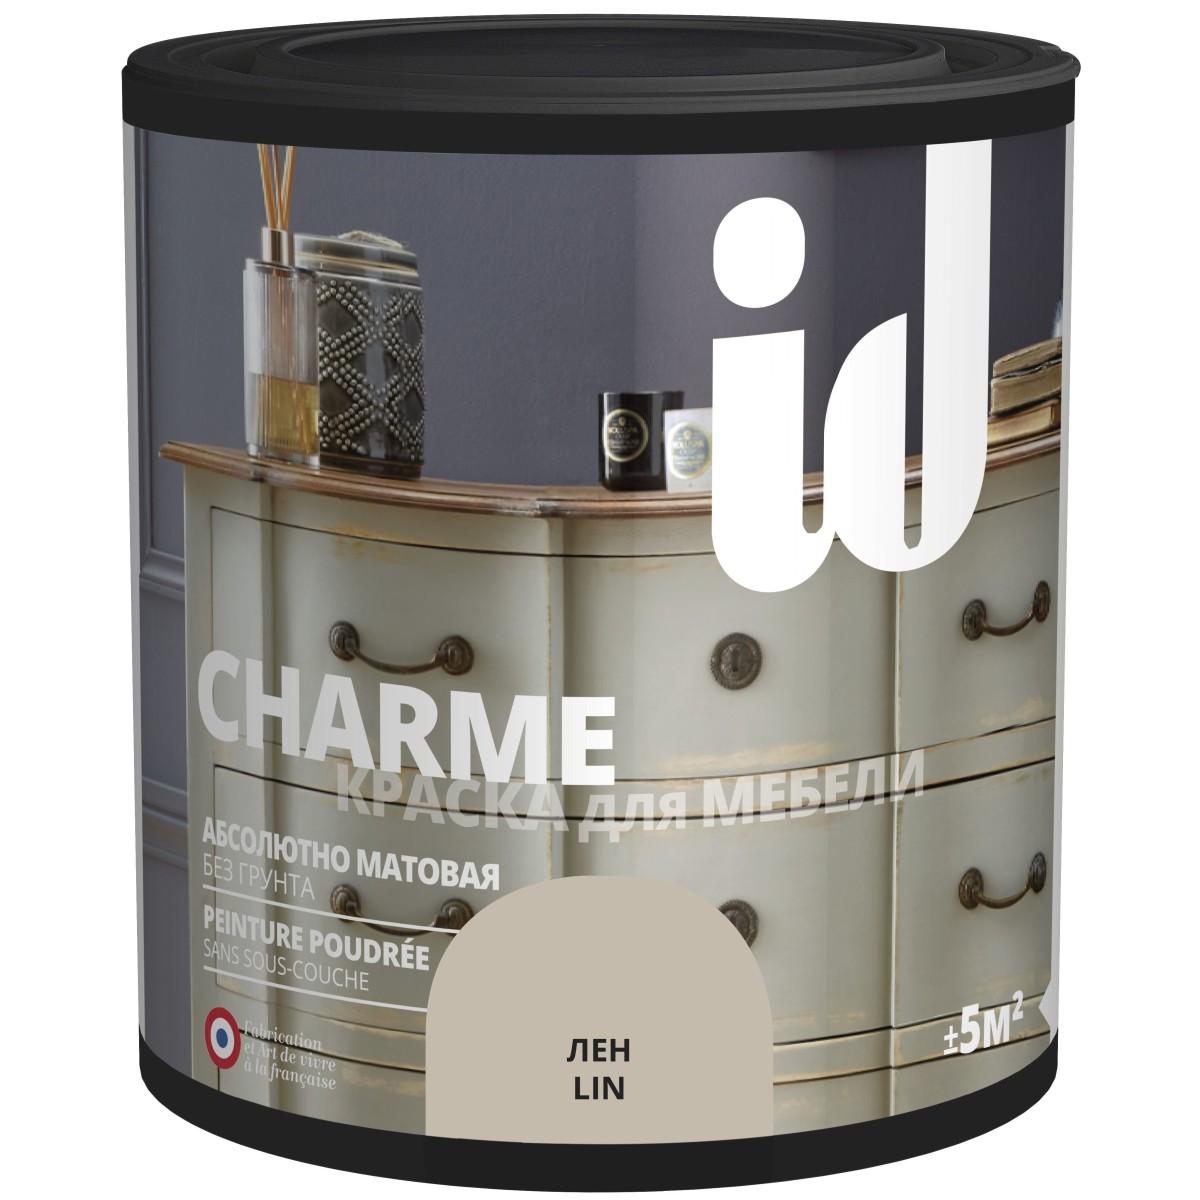 Краска для мебели ID Charme цвет лен 0.5 л